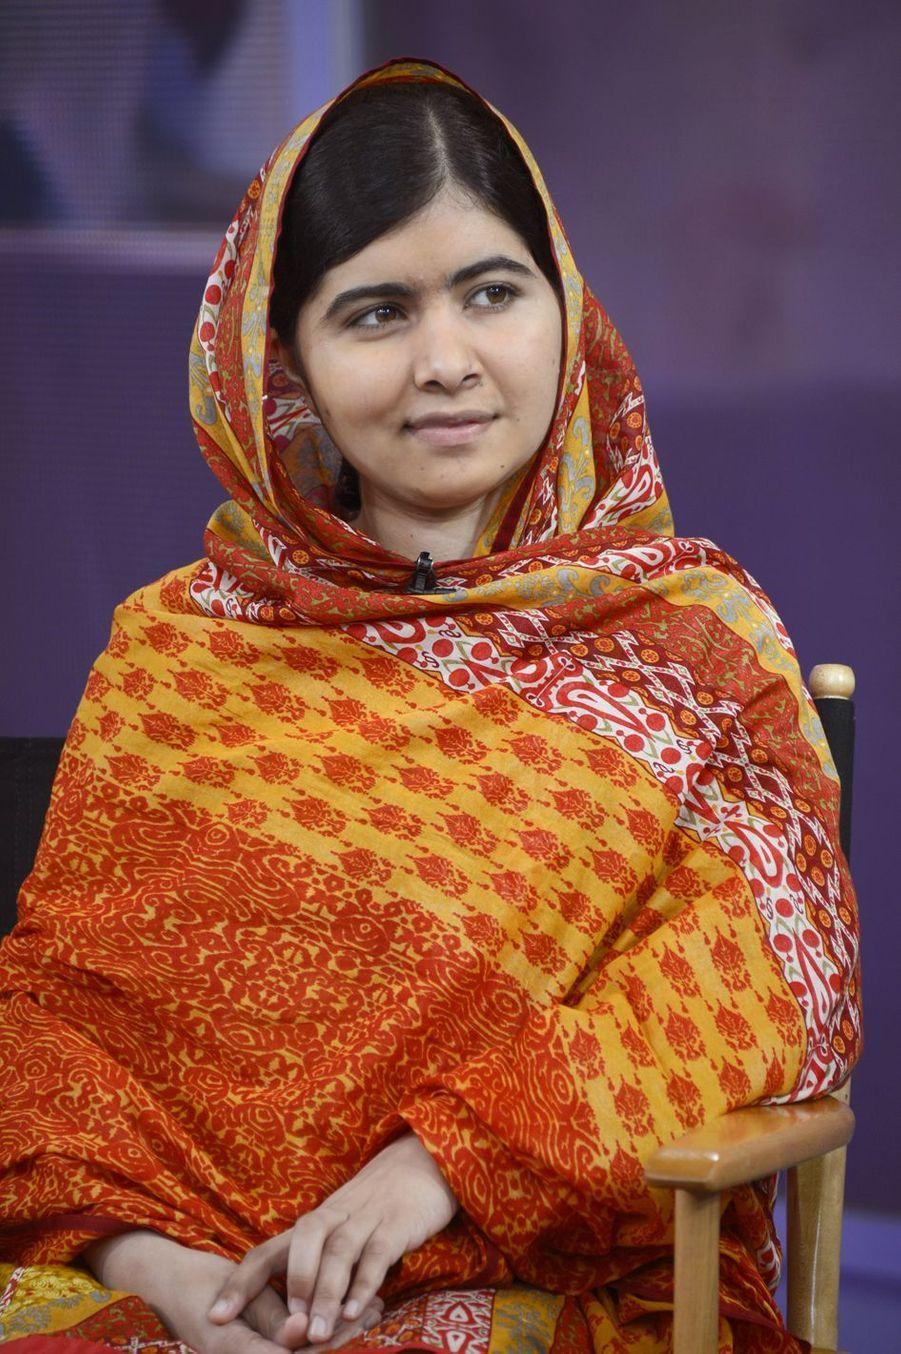 Symbole de la jeunesse opposée aux talibans, Malala Yousafzai (21 ans) est un modèle de courage et de maturité.